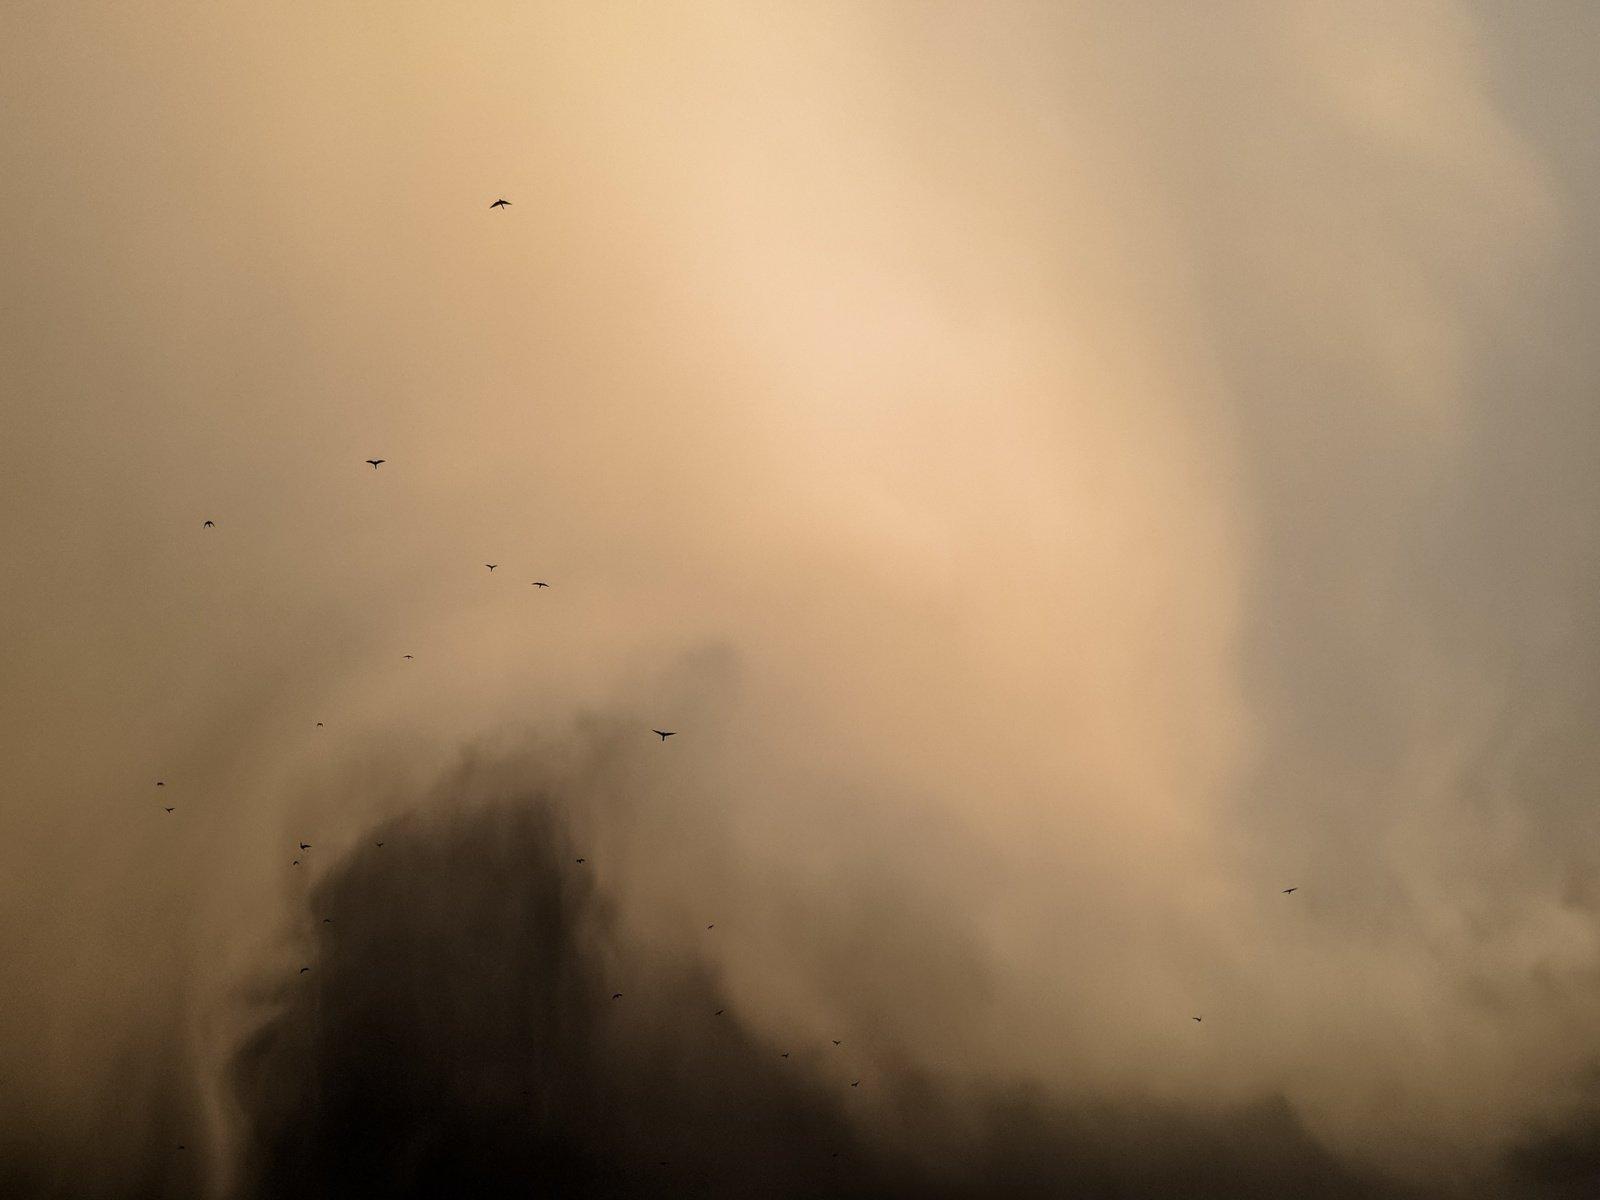 Sacharos dulkių debesis vėl sklinda per Europą